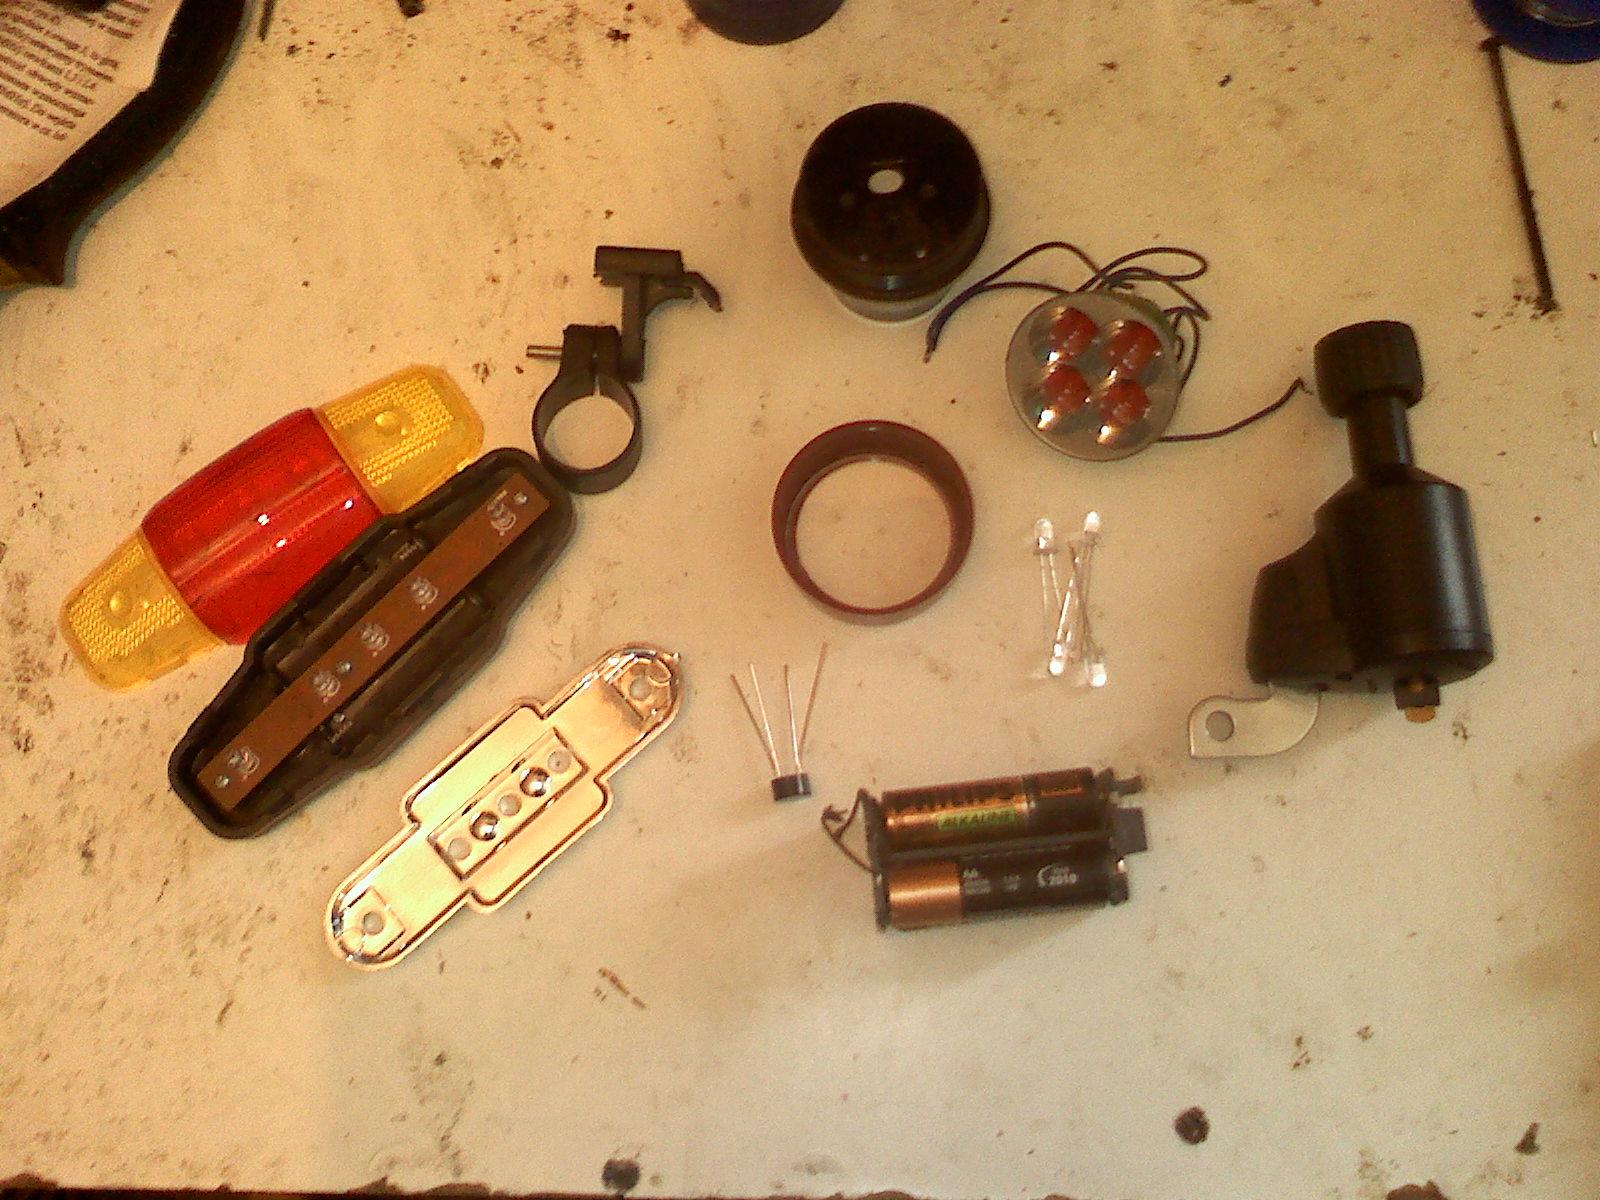 O�wietlenie rower�w-modernizacje, naprawy, tuning, w�asne konstrukcje.